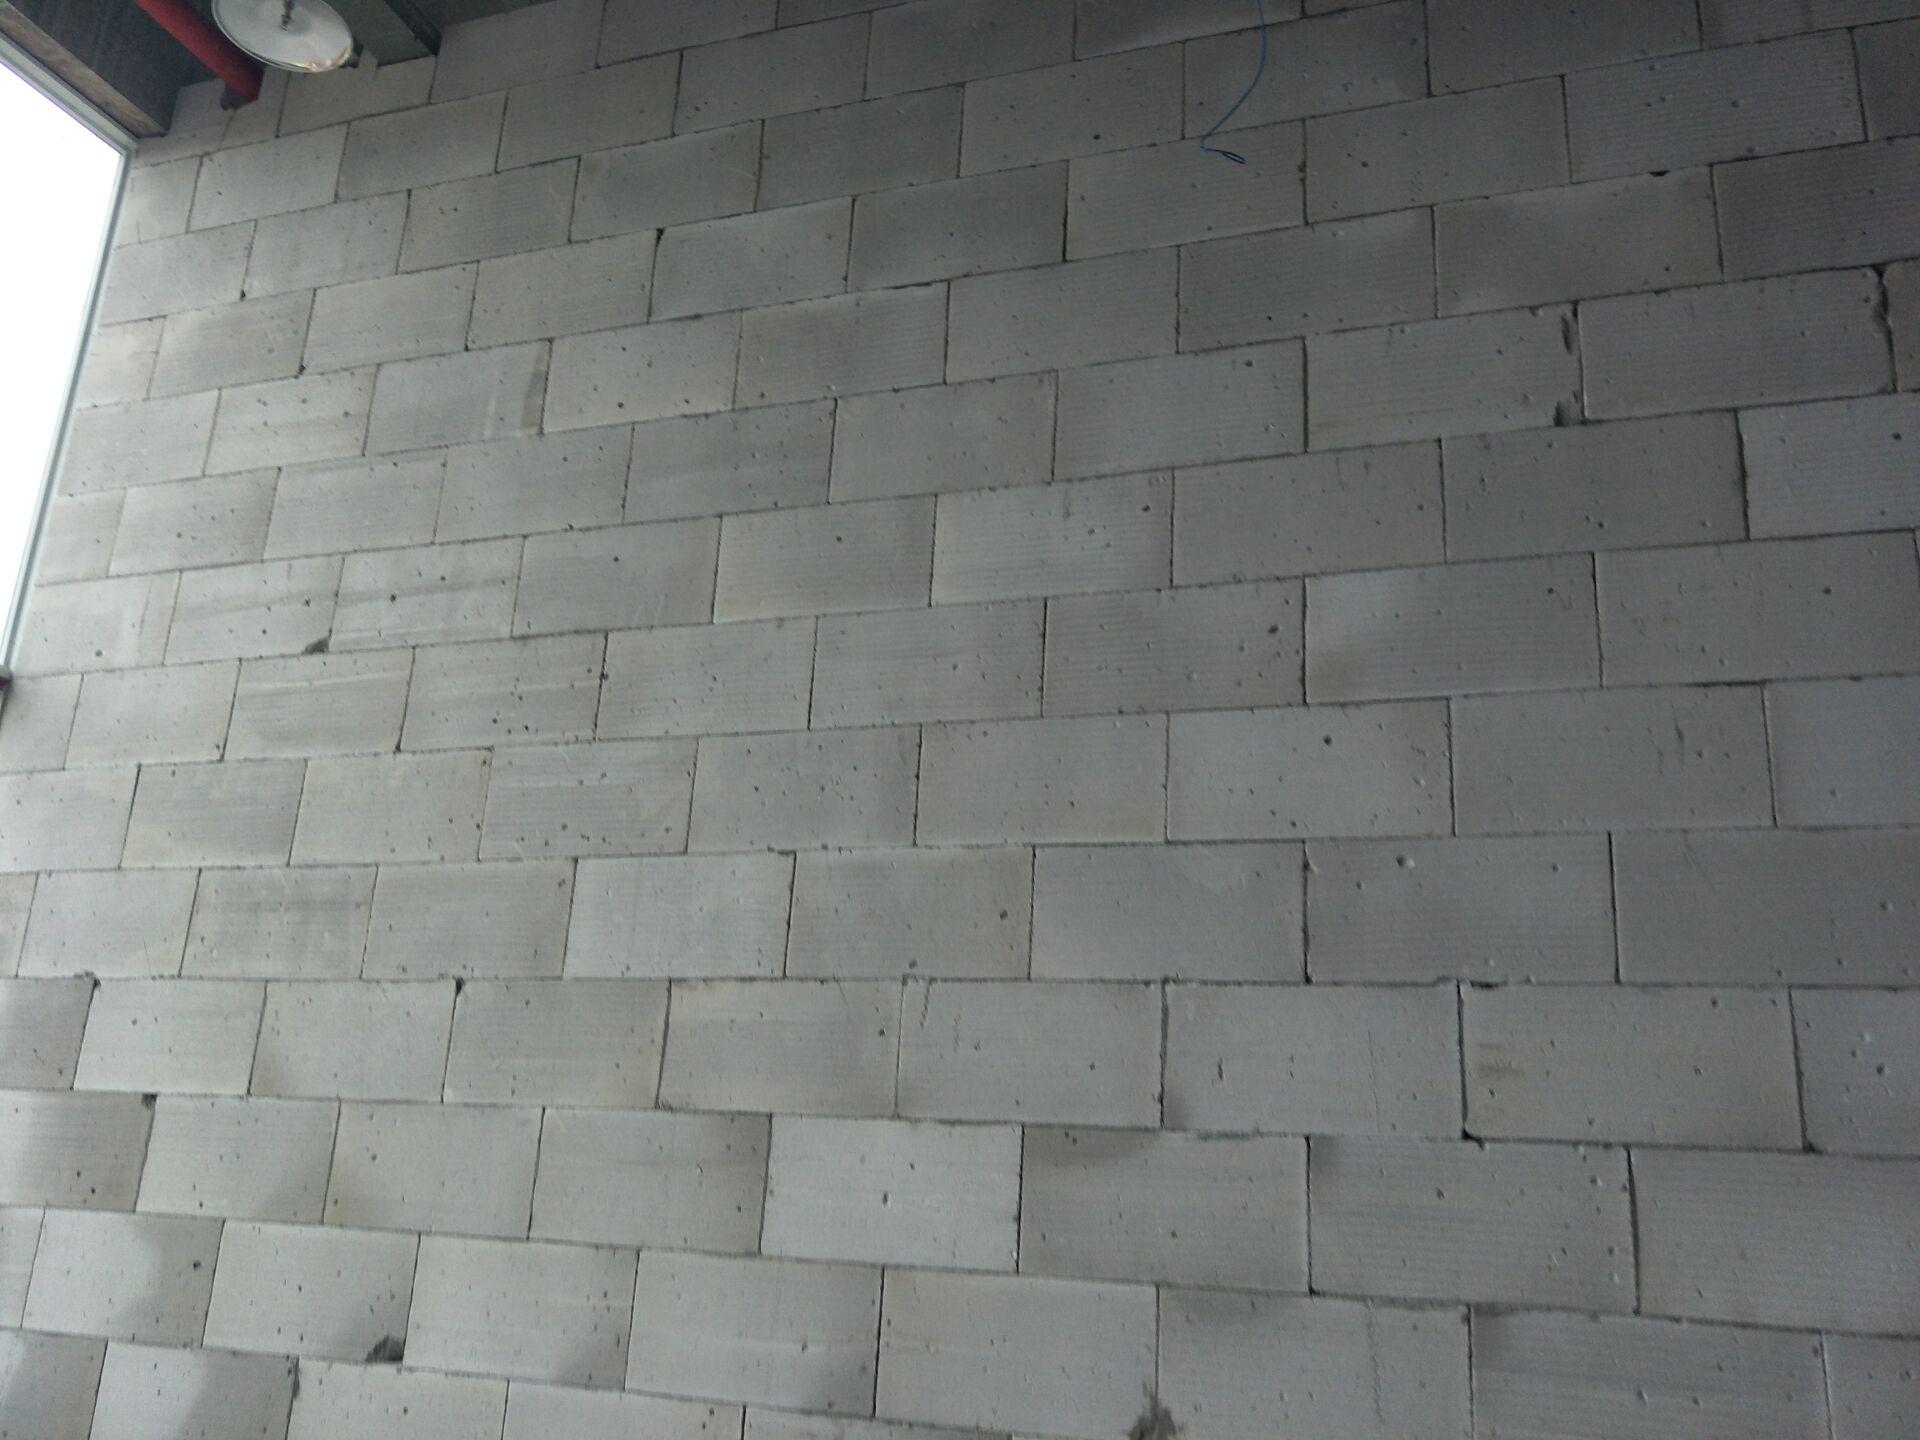 大渡口区加气砖隔墙